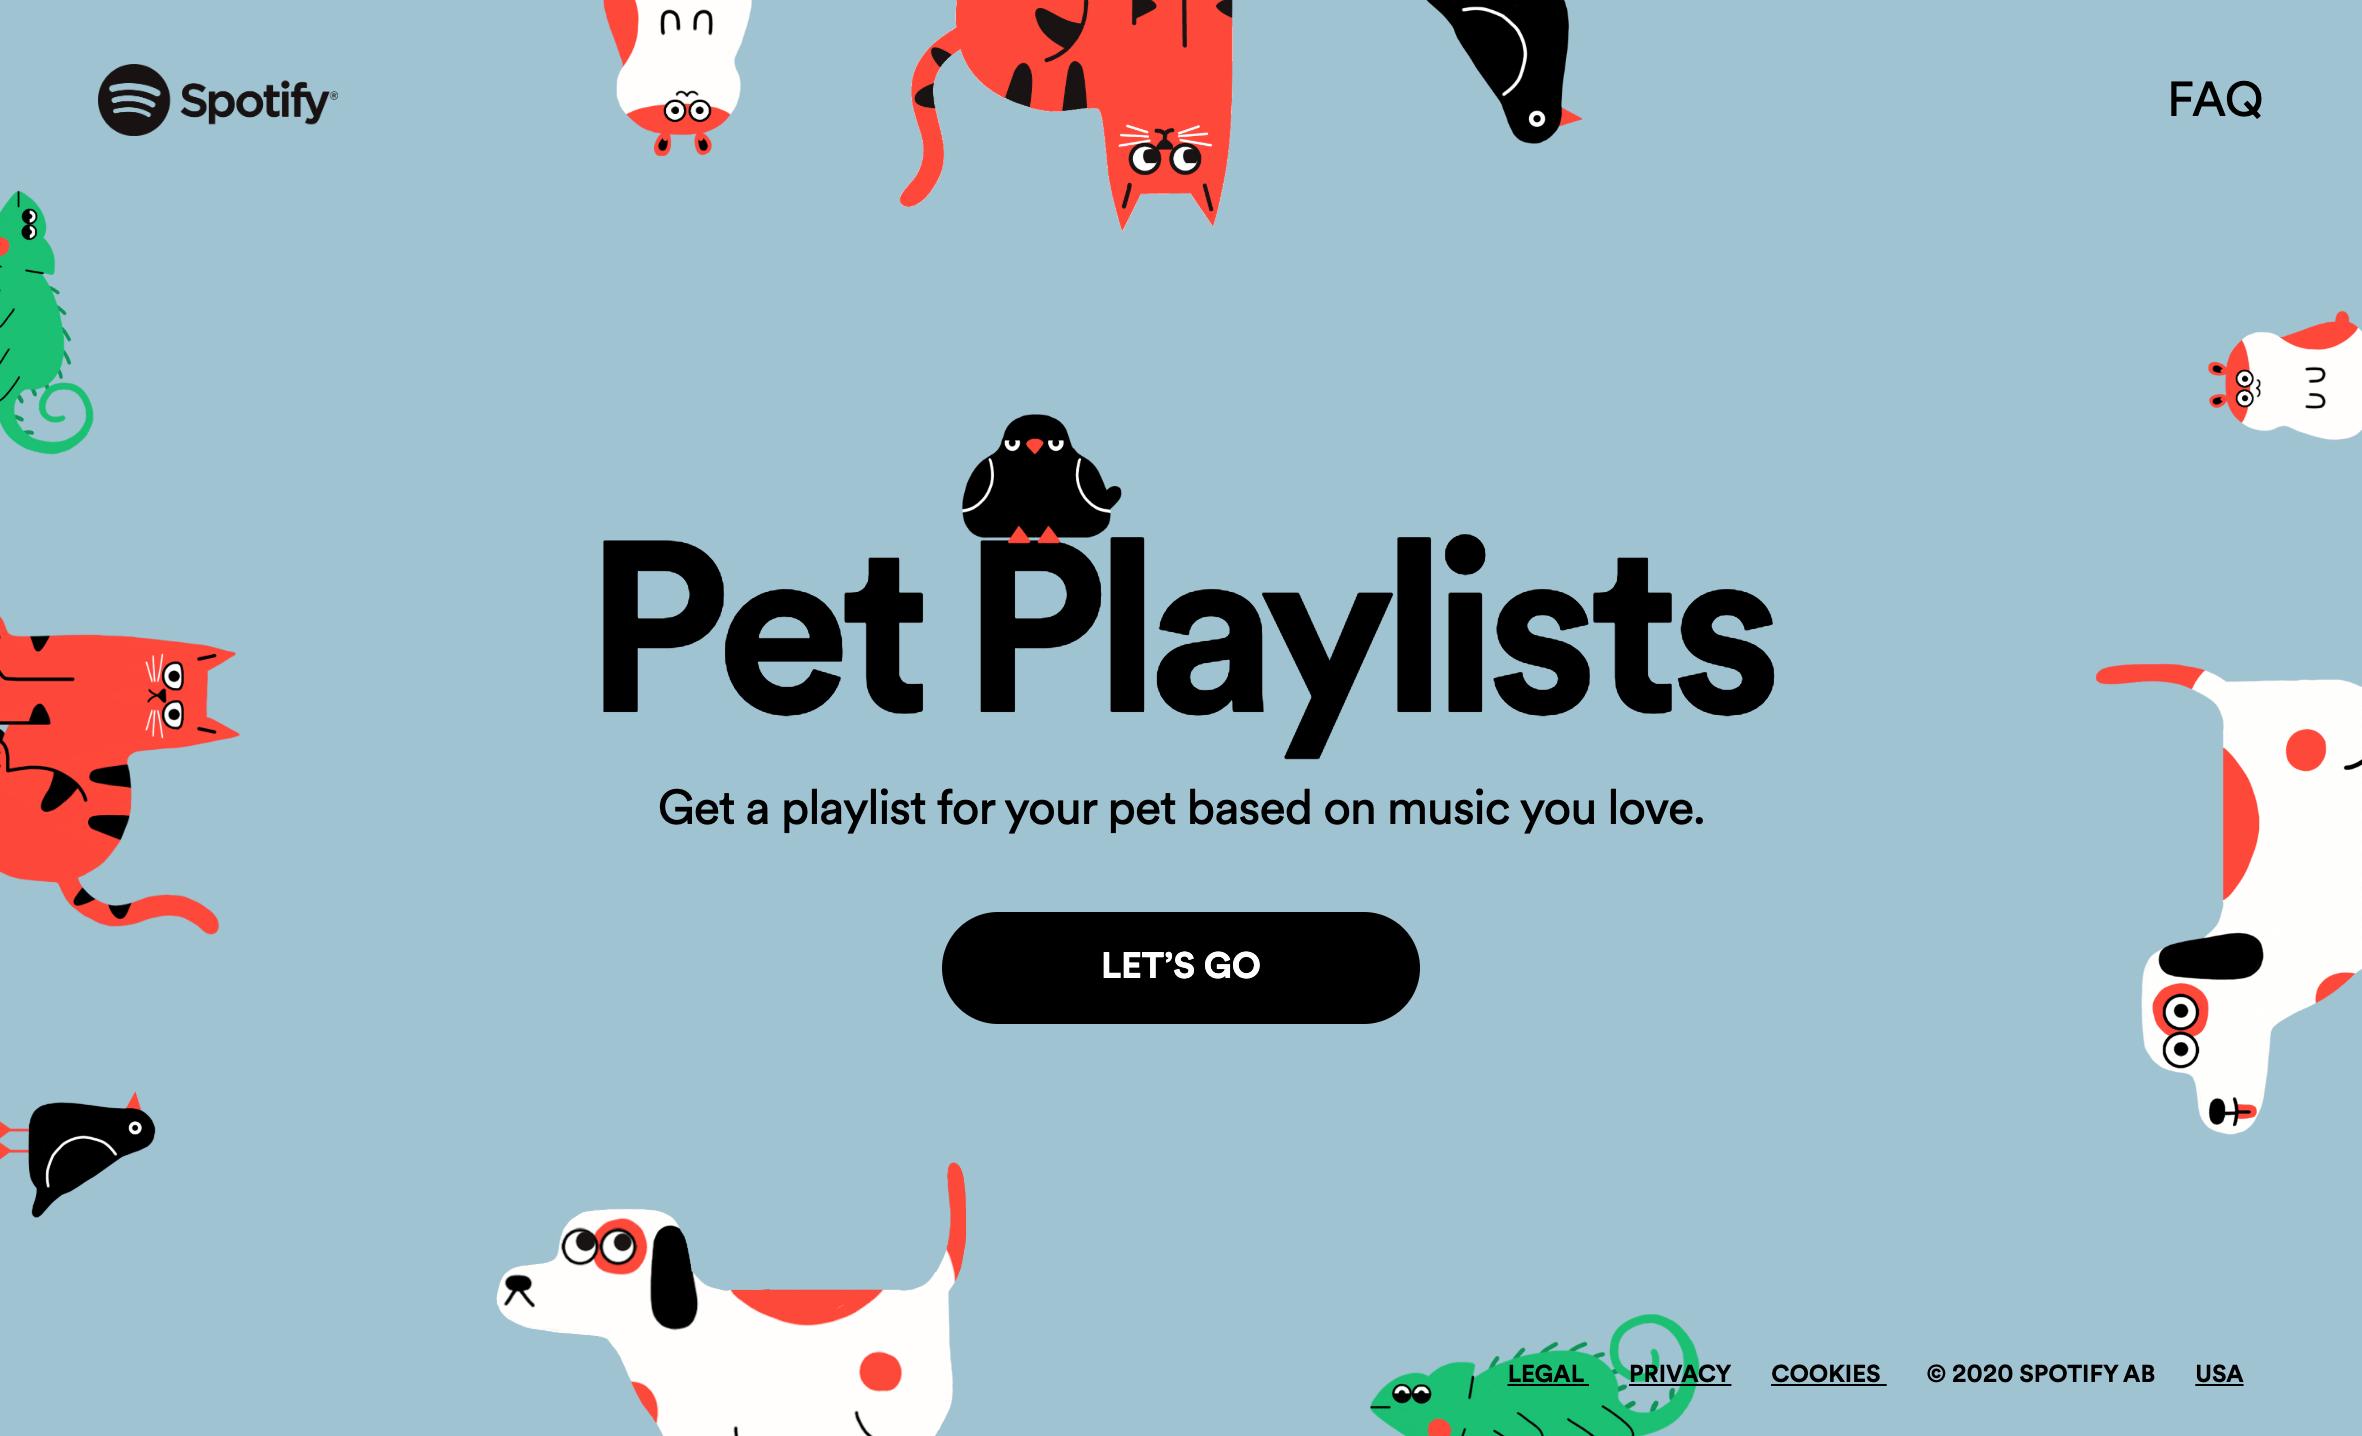 Spotify Ha Lanciato Un Nuovo Generatore Di Playlist Che Piacera A Te E Al Tuo Animale Domestico Si Tratta Di Una Selezione Nel 2020 Playlist Animali Domestici Musicale